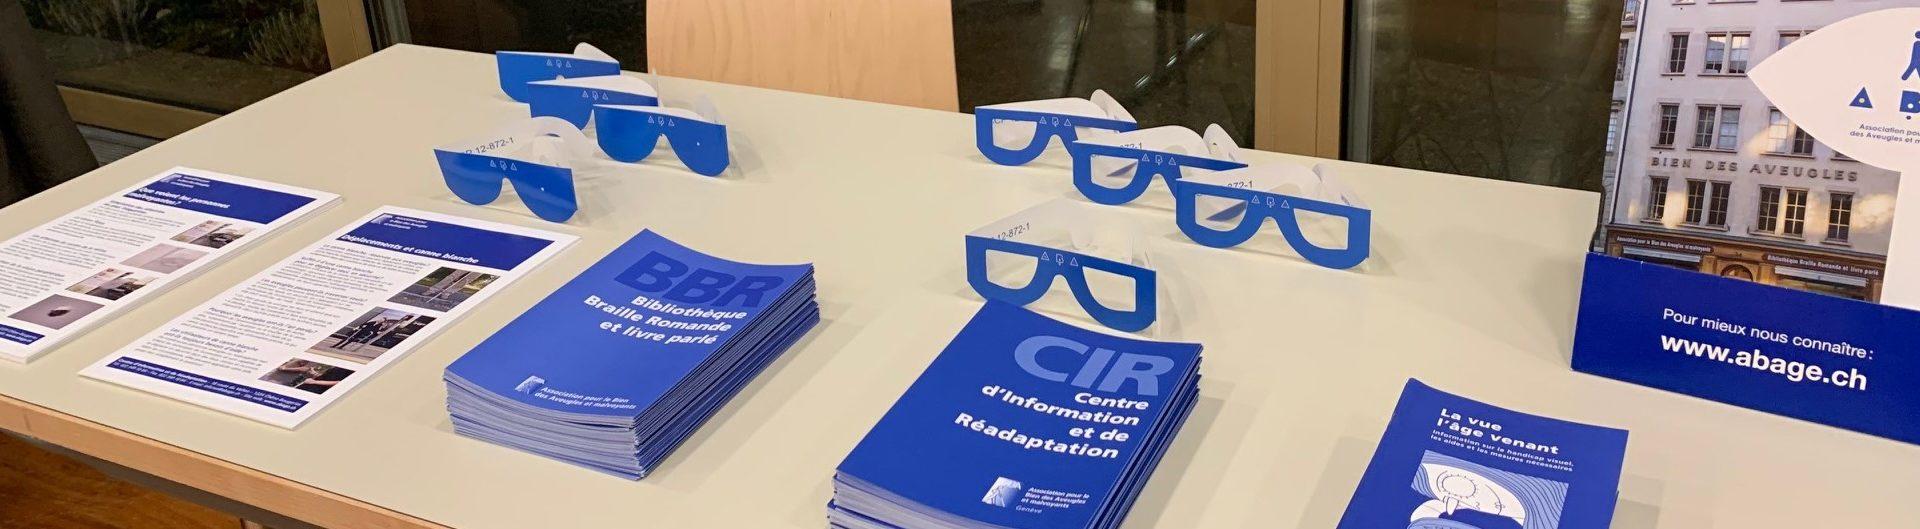 Photo: Stand ABA présentant de la documentation.